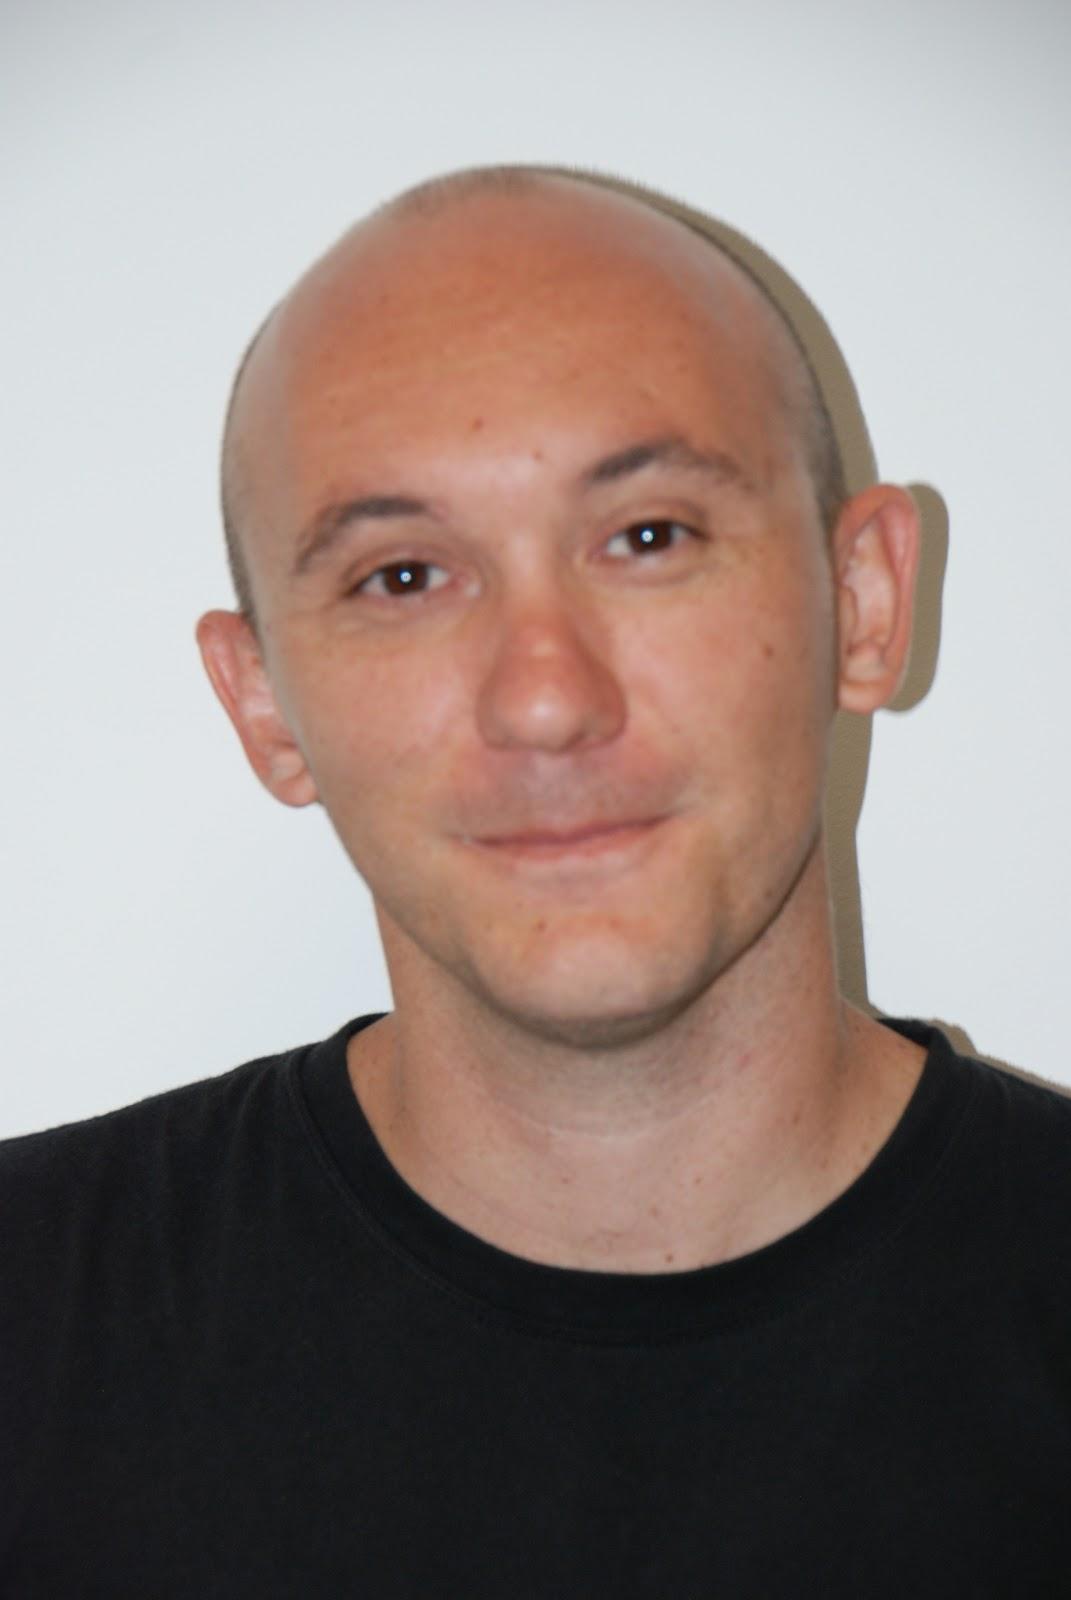 David Sánchez Peñaranda, becario del ICTA-UPV, consigue el Premio extraordinario de Tesis Doctorales del curso 2007/08 en la ETSI Agrónomos - David%2BS%2525C3%2525A1nchez%2BPe%2525C3%2525B1aranda